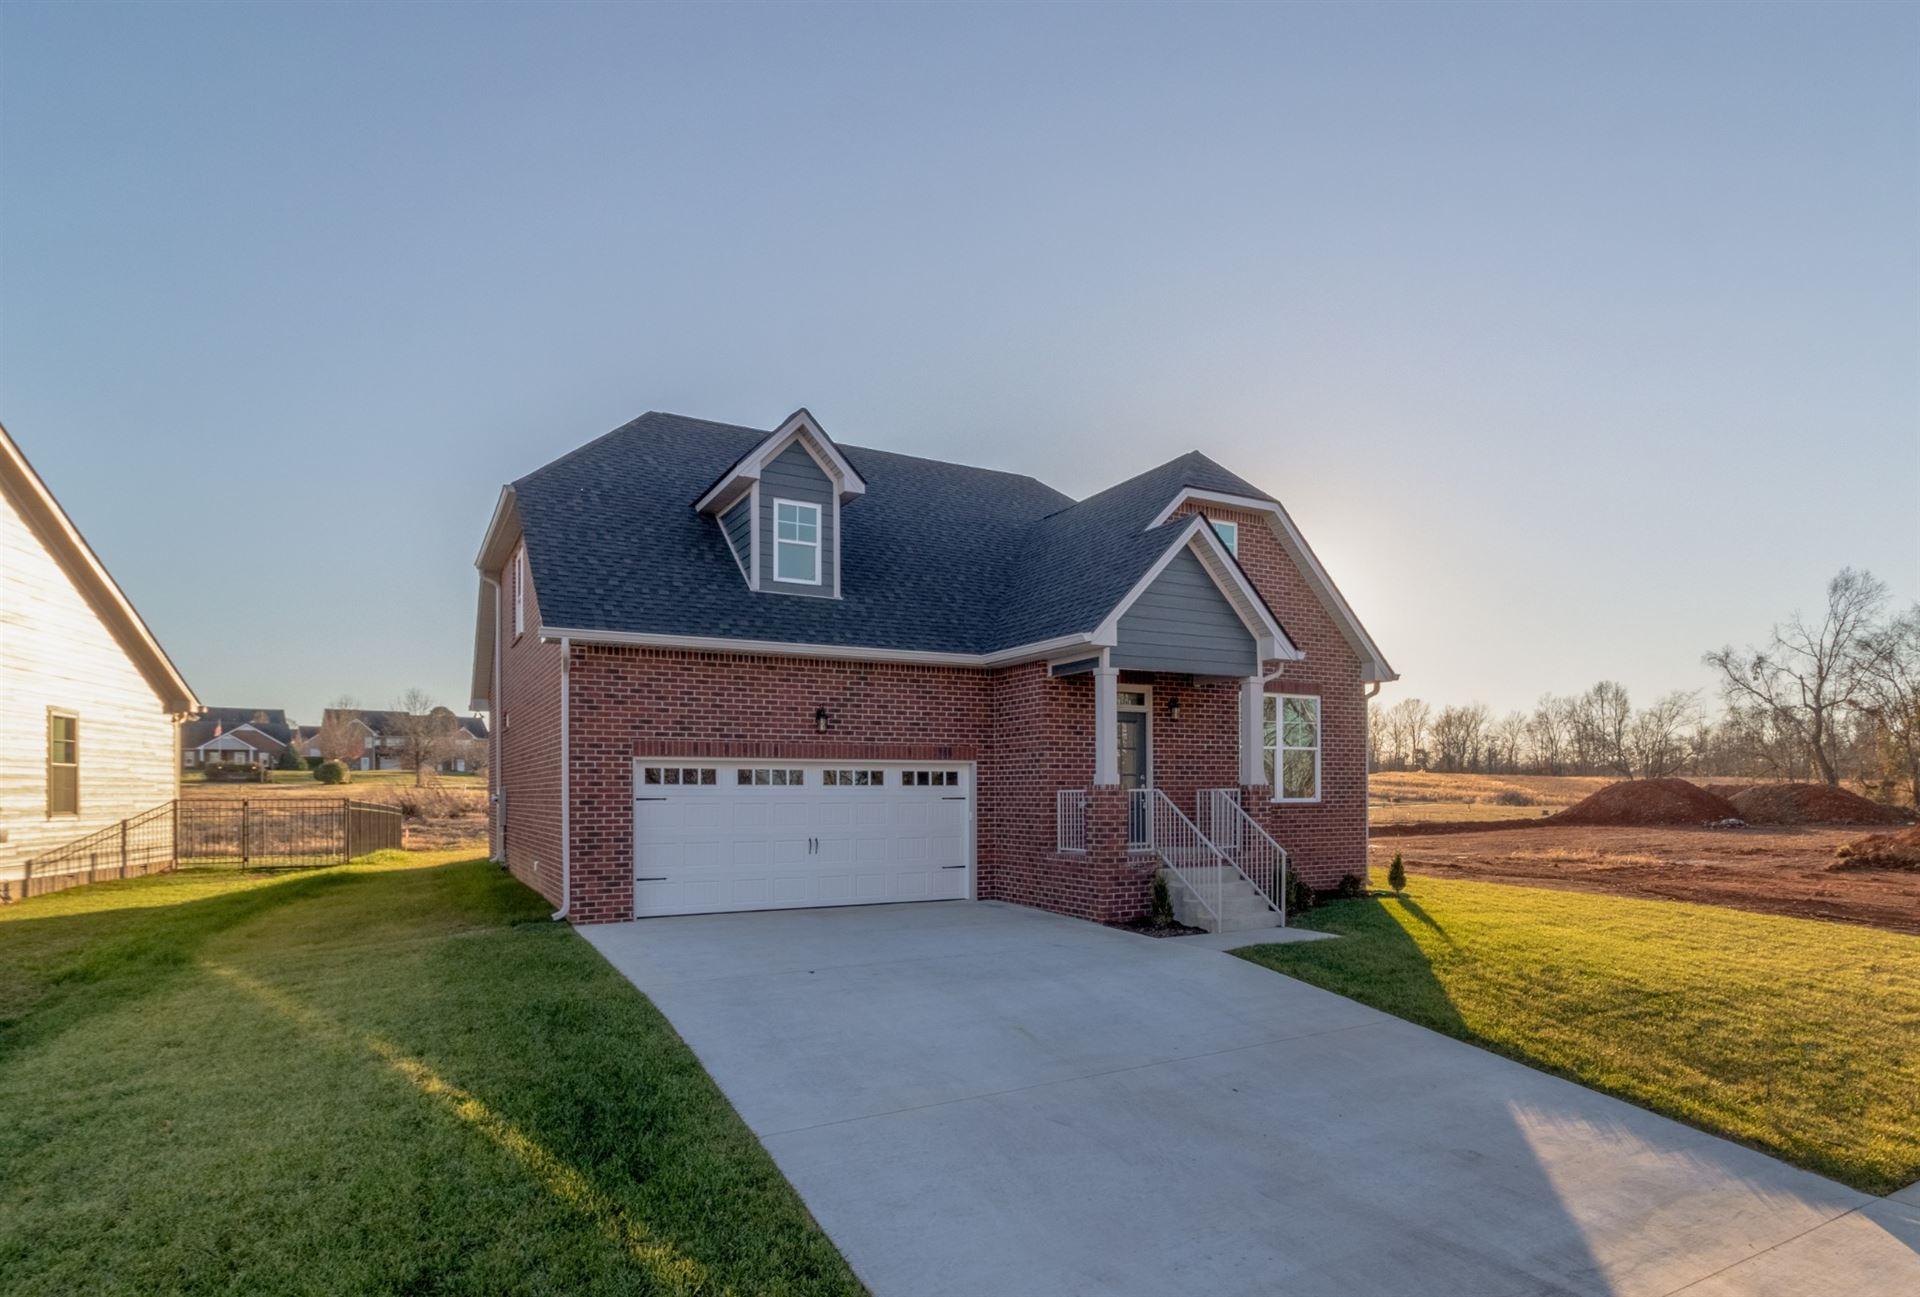 142 Cottage Ln, Clarksville, TN 37043 - MLS#: 2301019